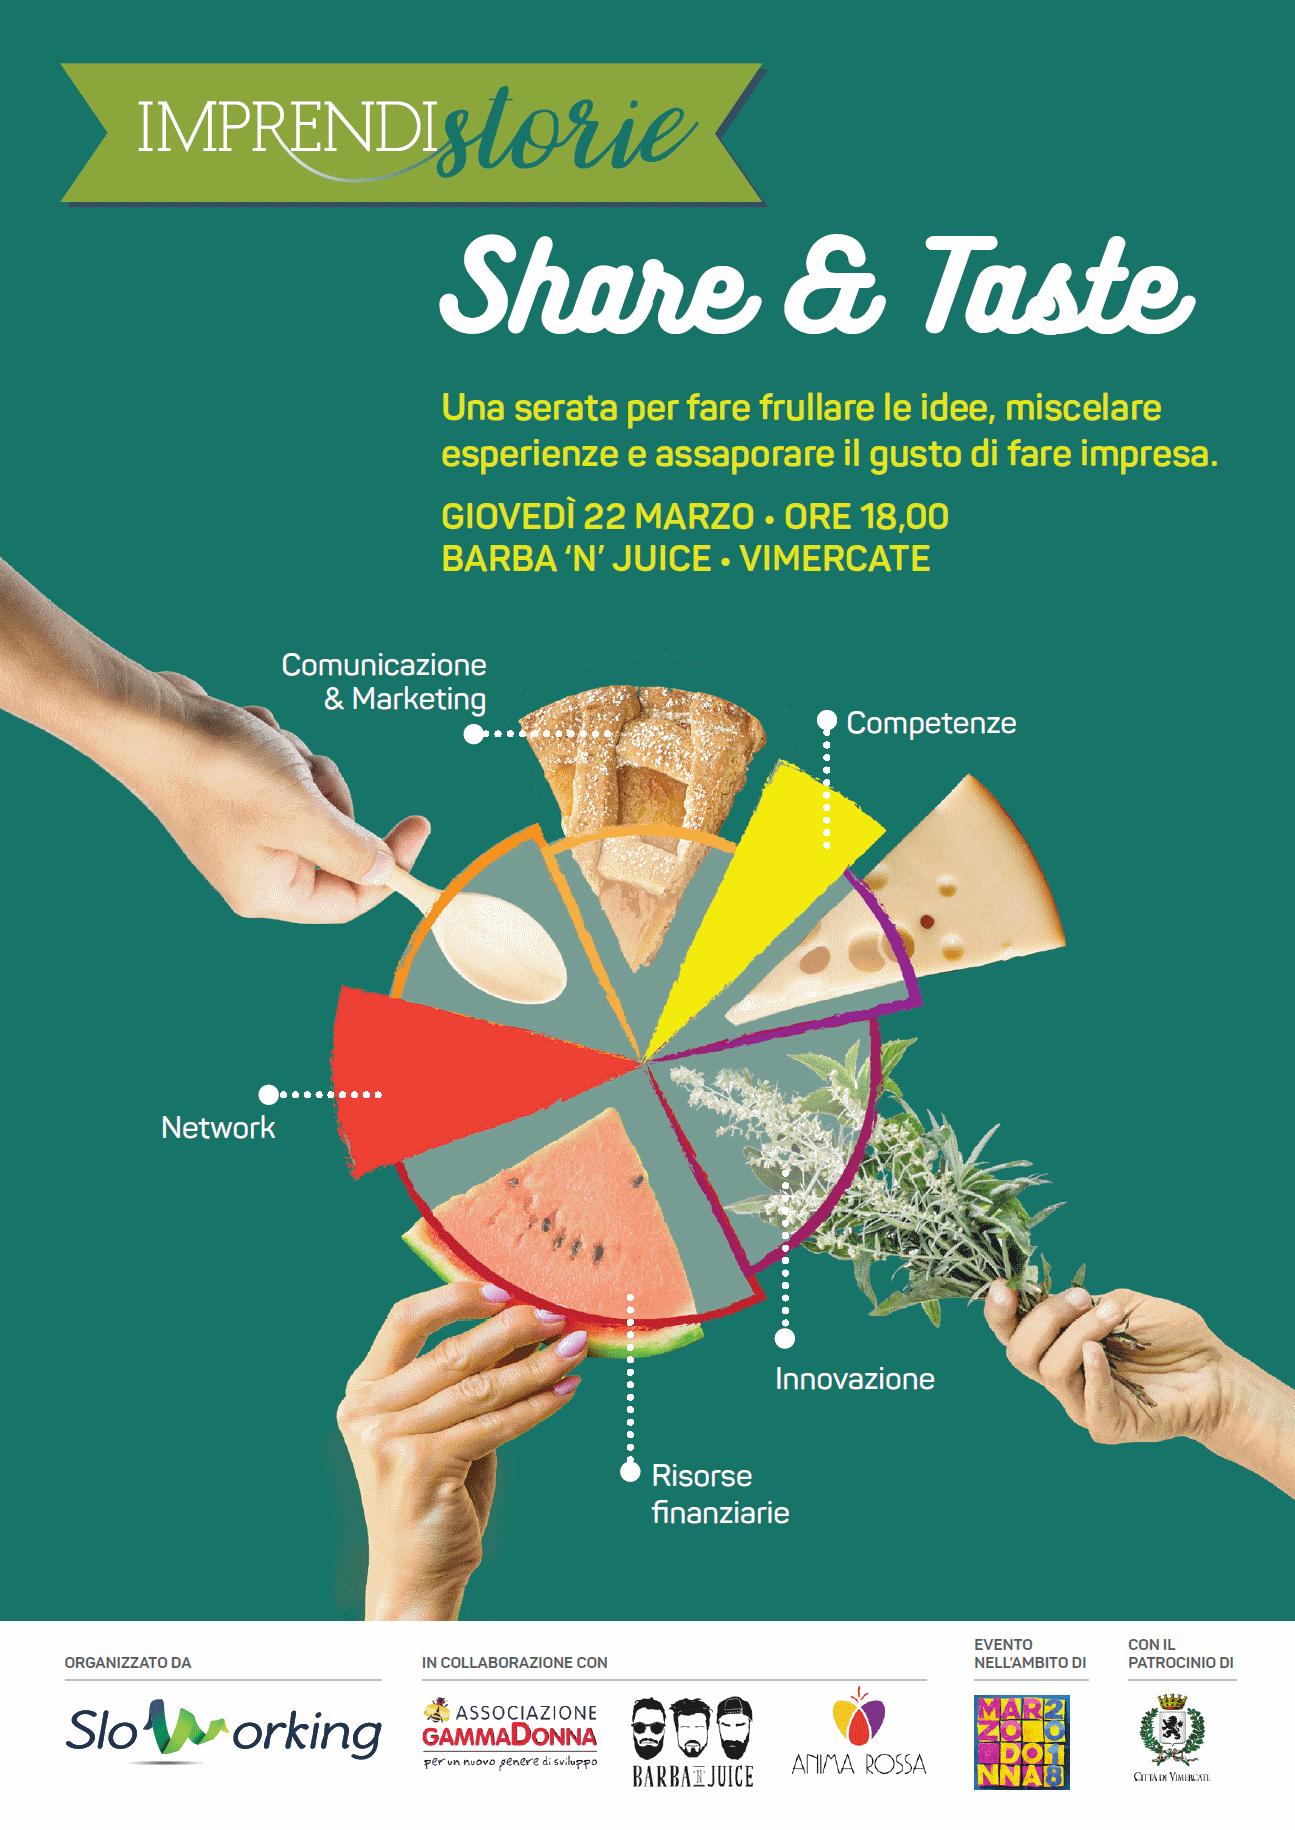 Imprendistorie - Share & Taste